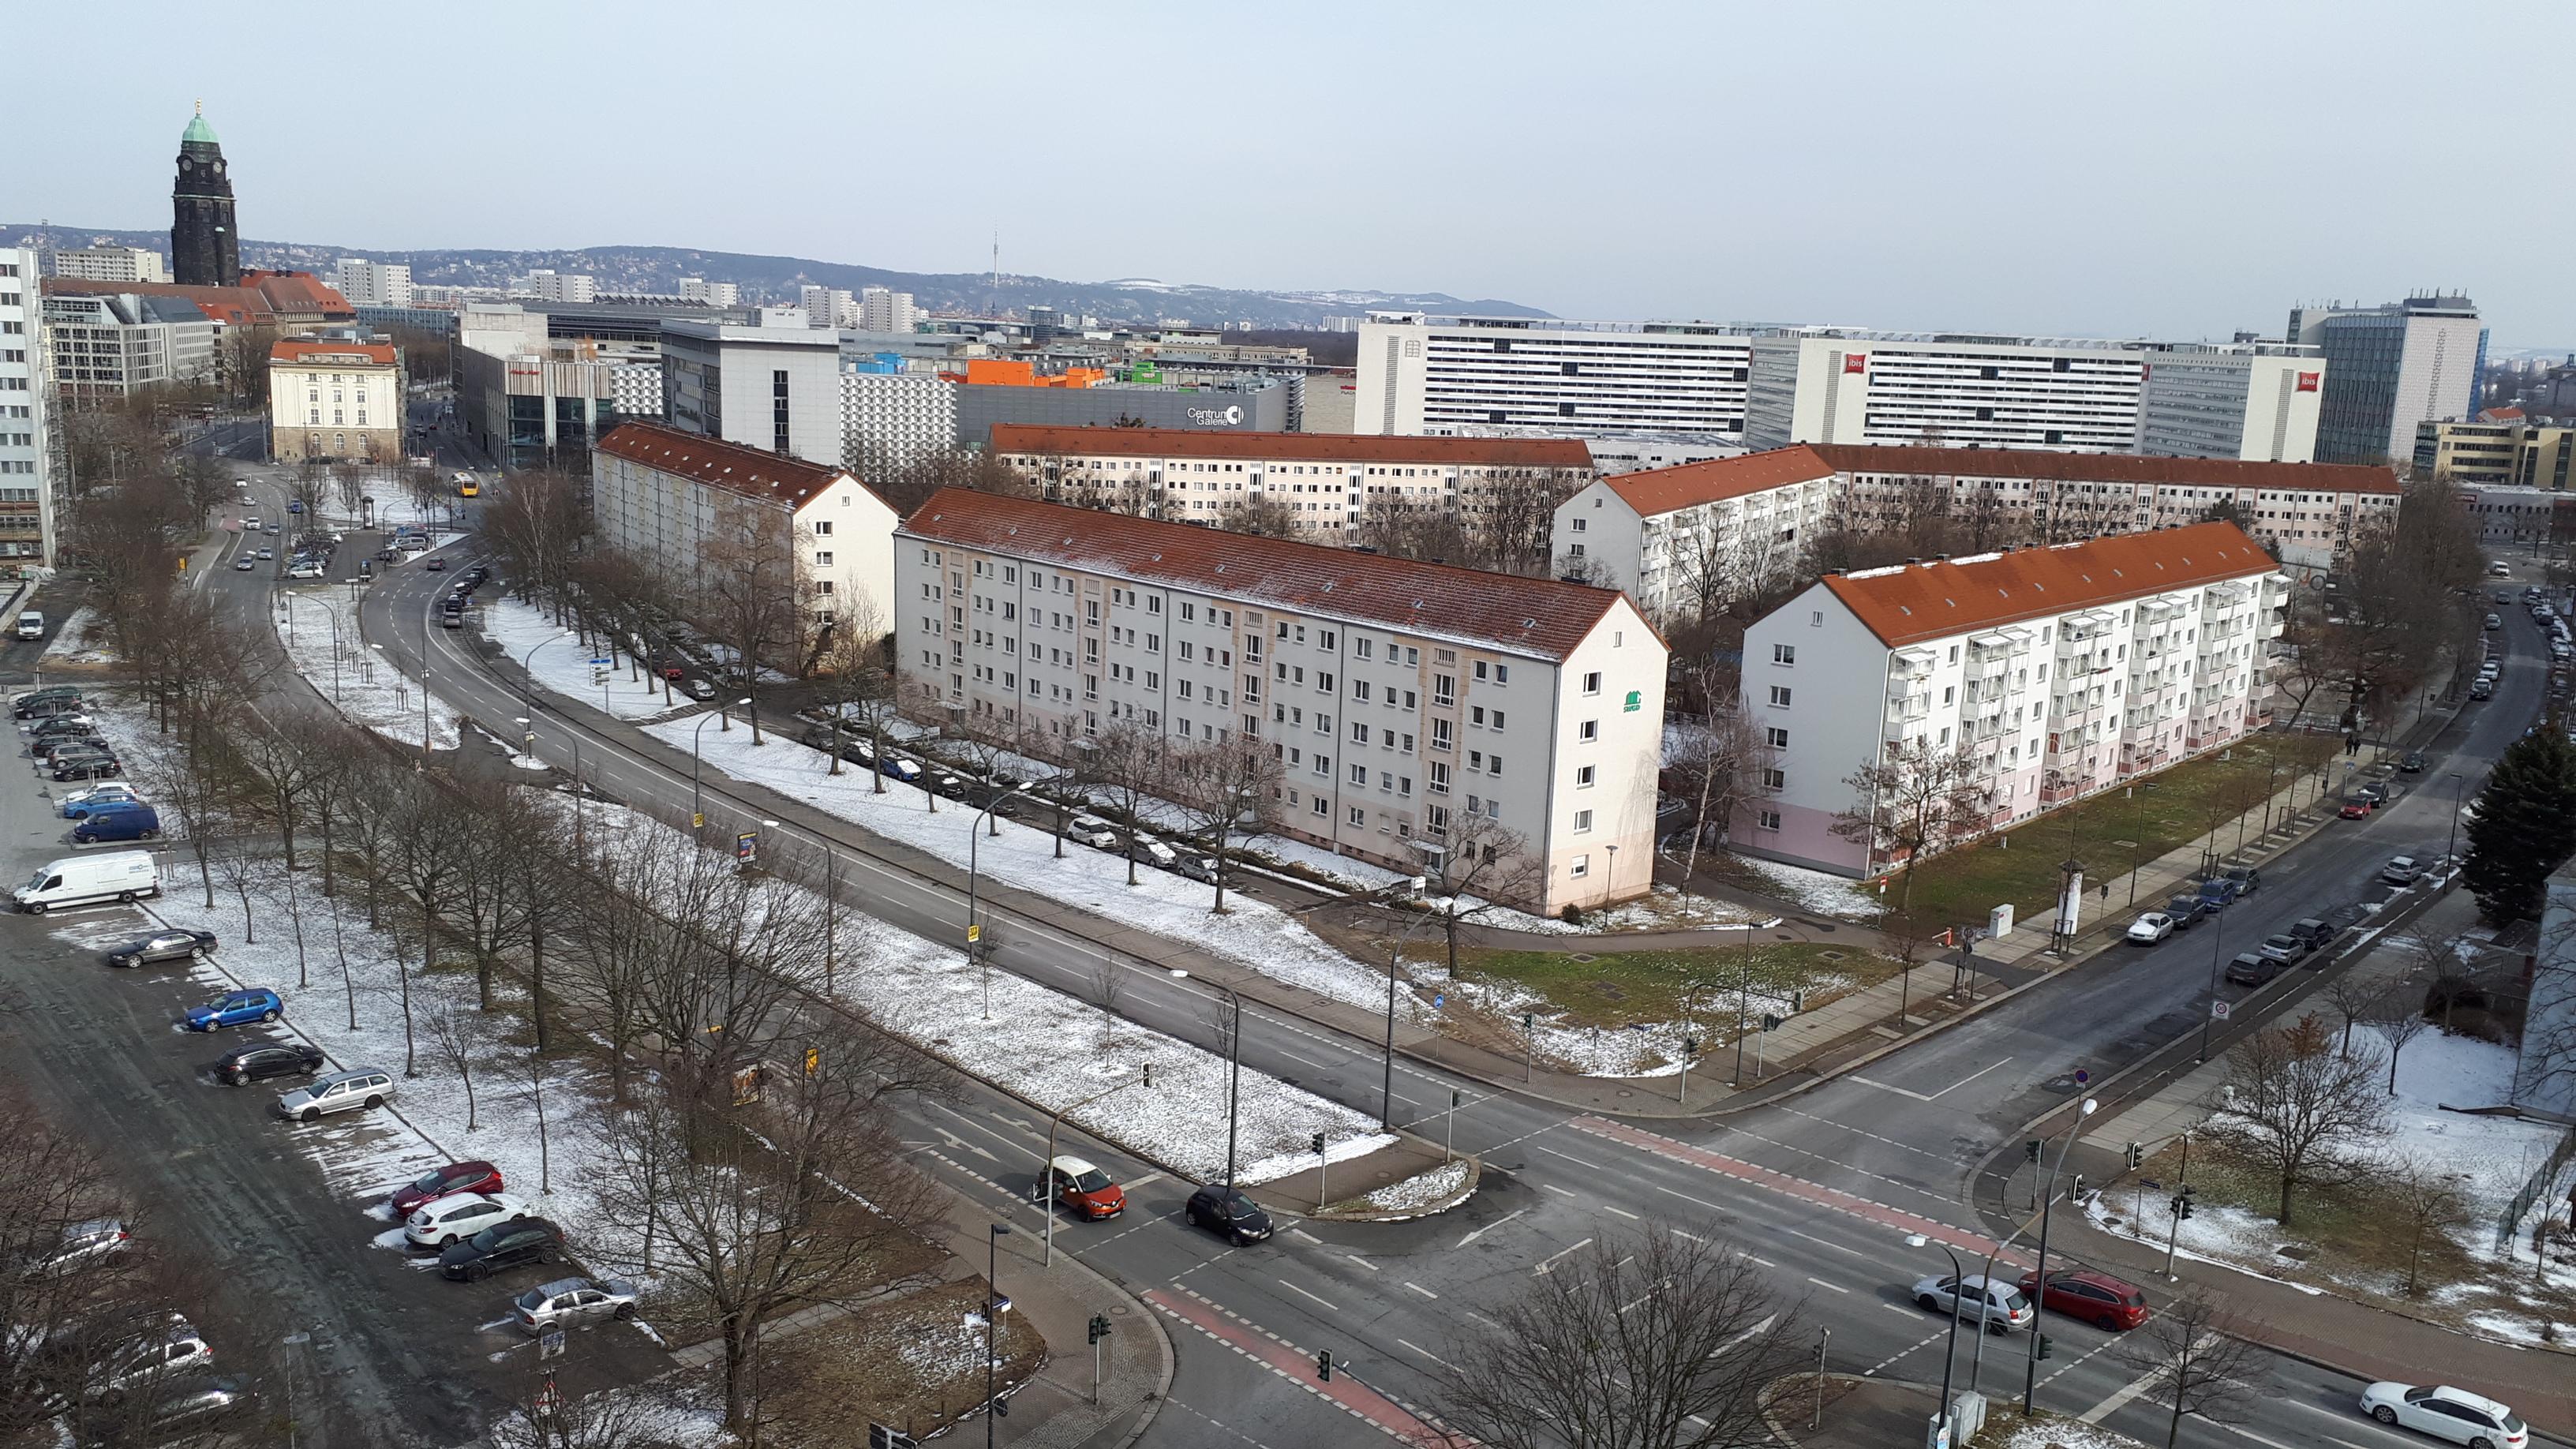 Budapester straße dresden